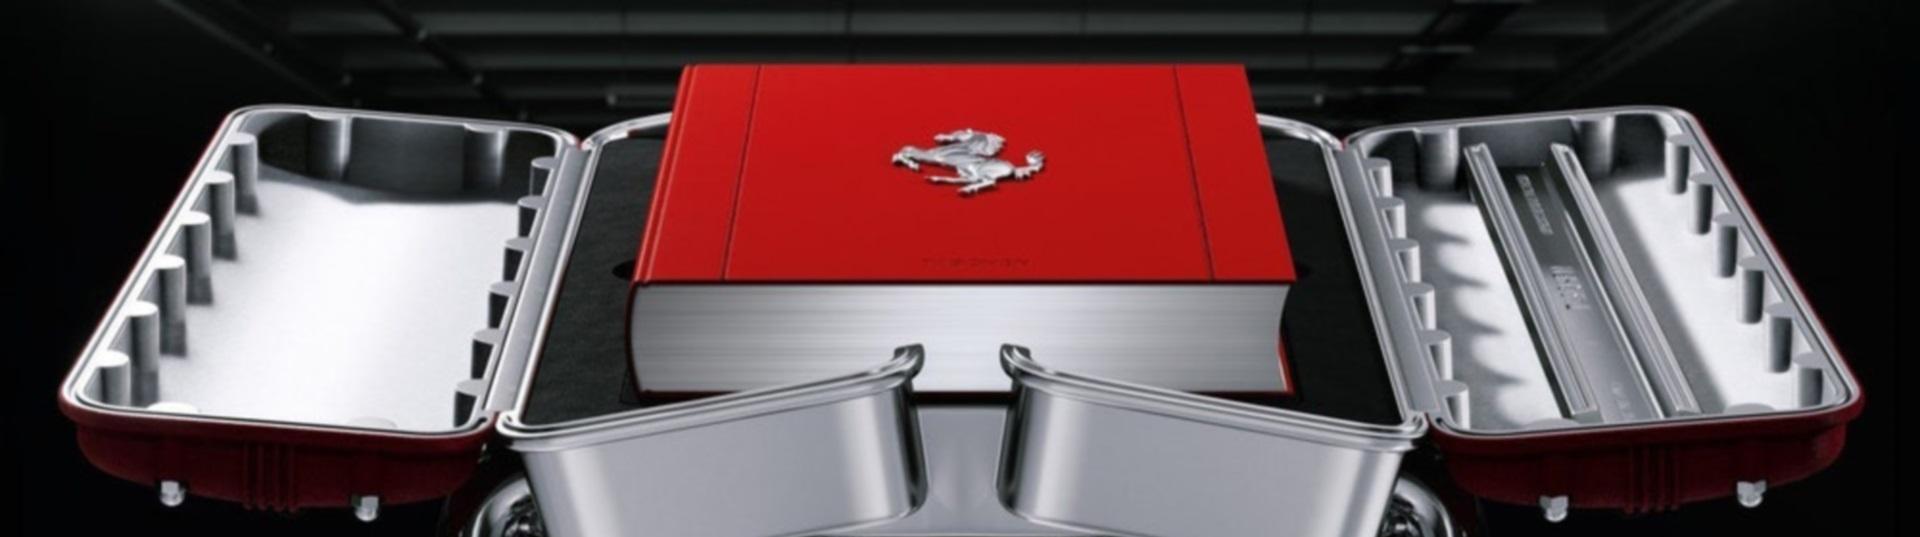 Ferrari book_1920